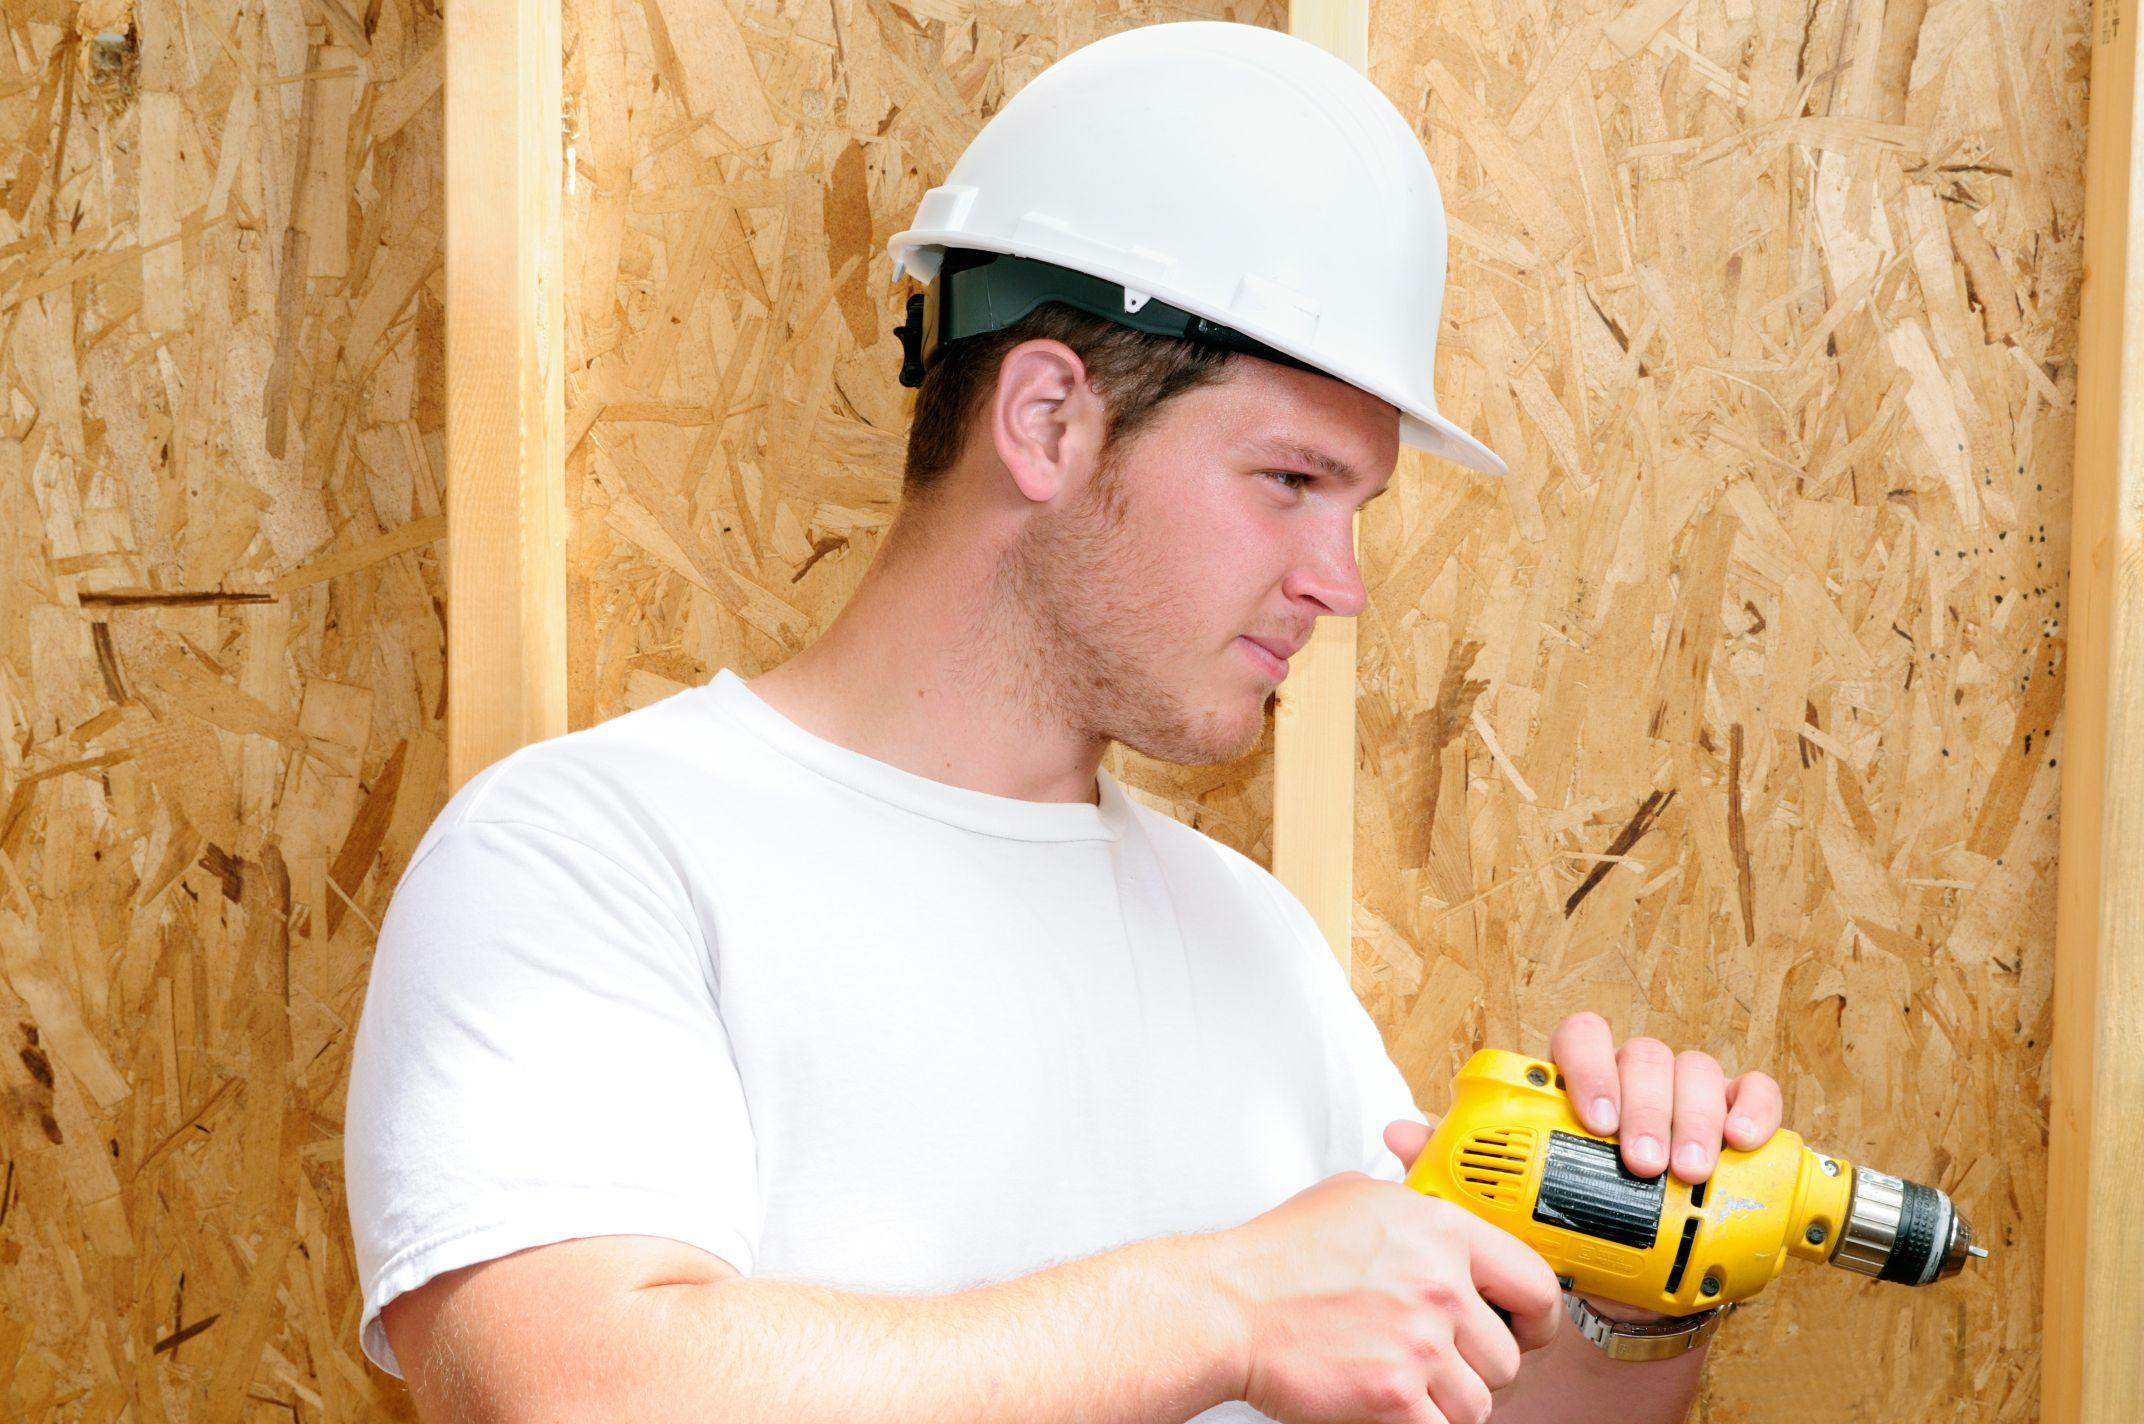 best-contractors-general-walnut-creek-ca-usa